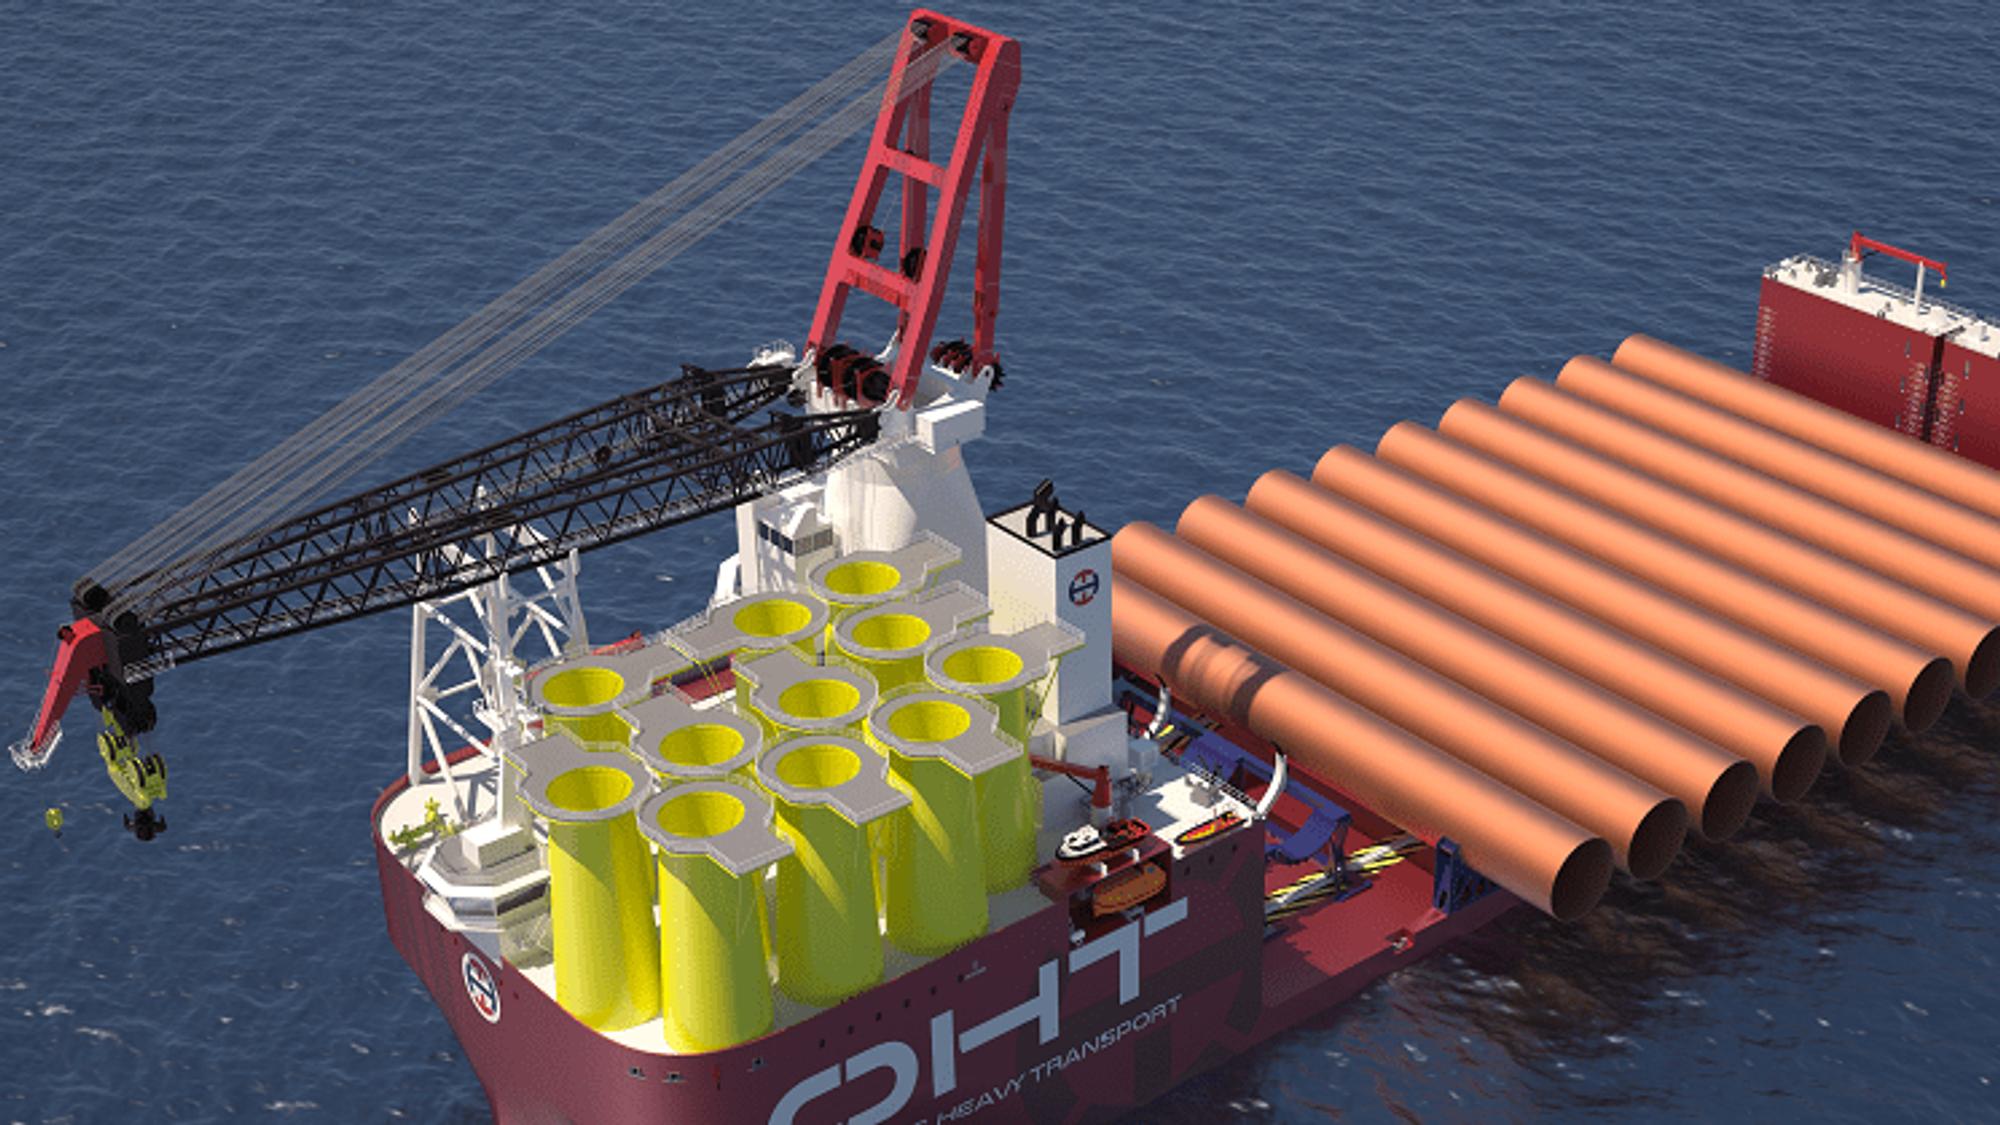 OHTbygger verdens største vind-installasjonsskip,Alfa Lift, som skal kunne frakte og installere 10 fundamenter av gangen. Skipet skal være ferdig i 2021.